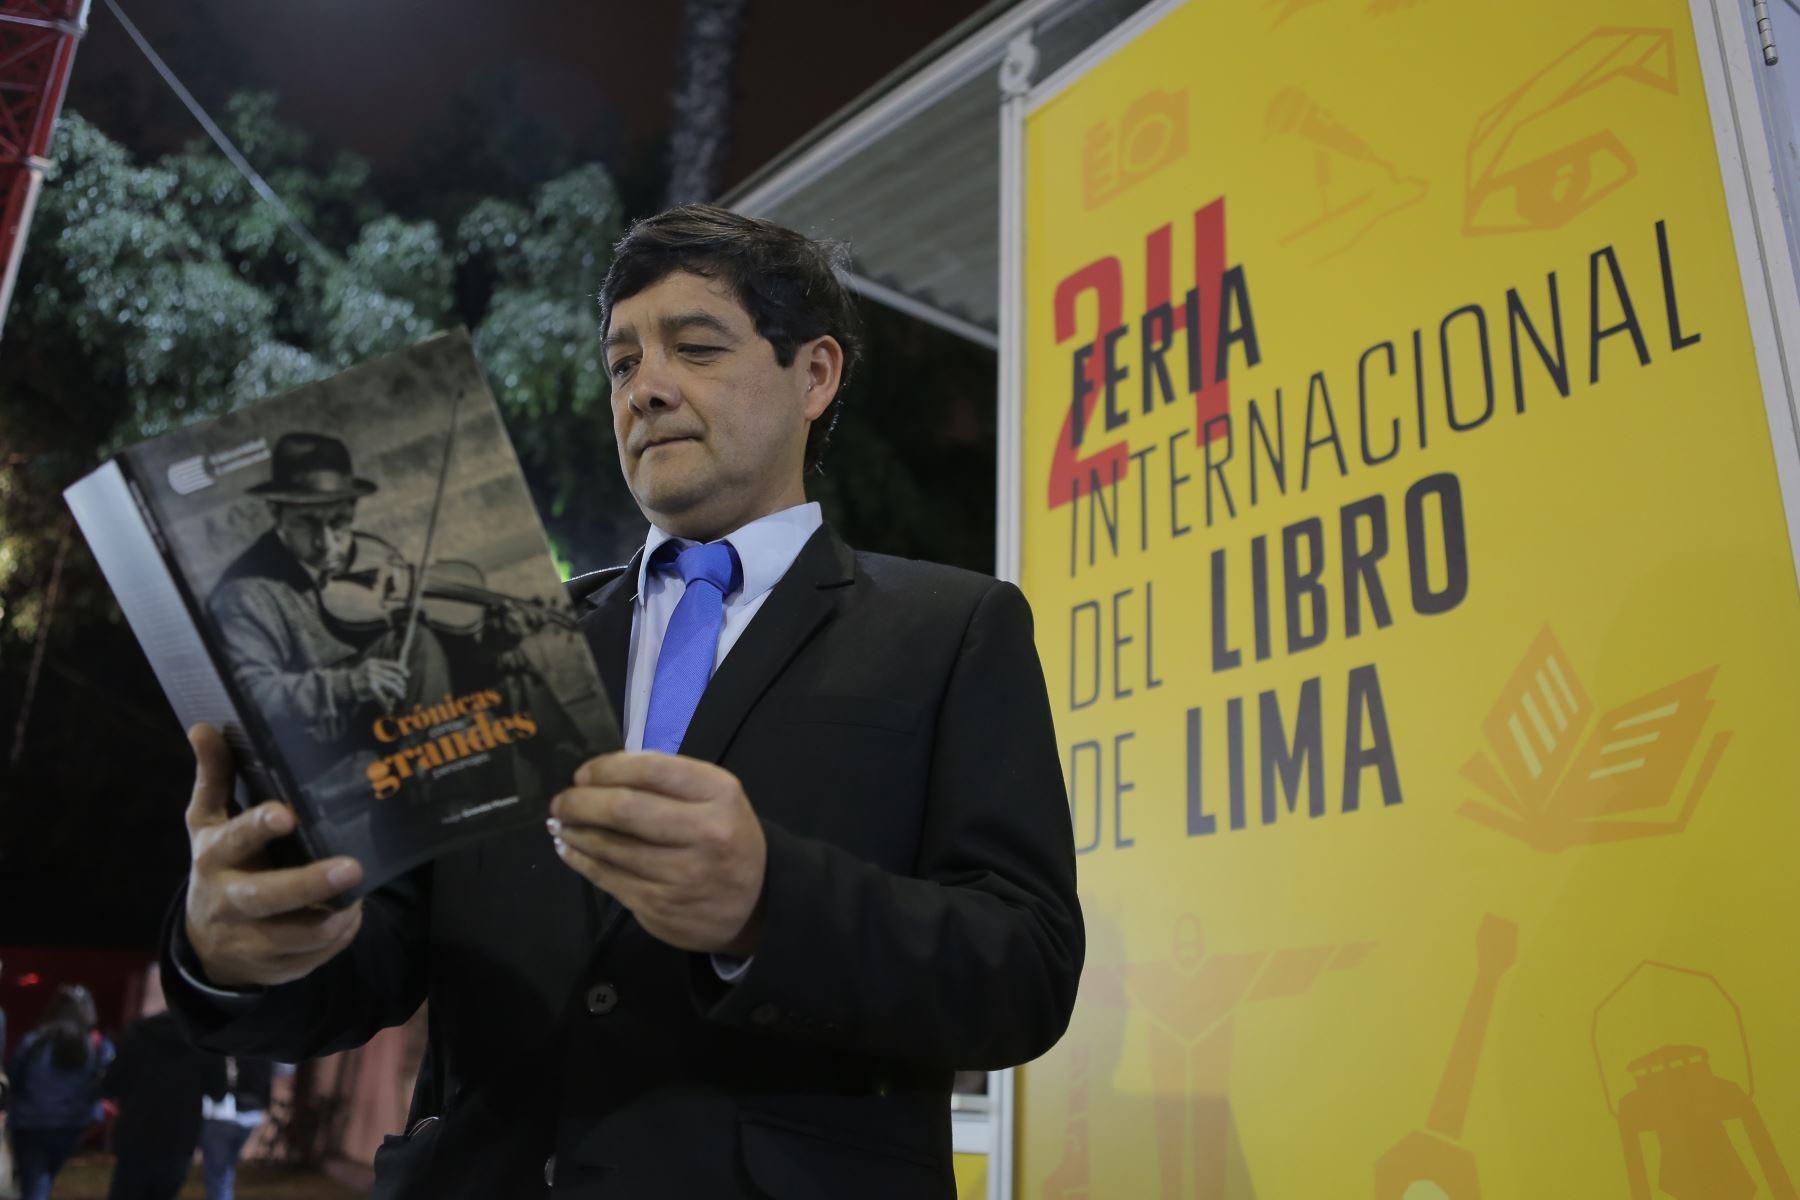 Recorrido por la Feria Internacional del Libro de Lima FIL 2019. Presentación del libro: Crónicas cortas sobre grandes personajes de Hugo Grández Moreno. Foto: ANDINA/David Huamaní